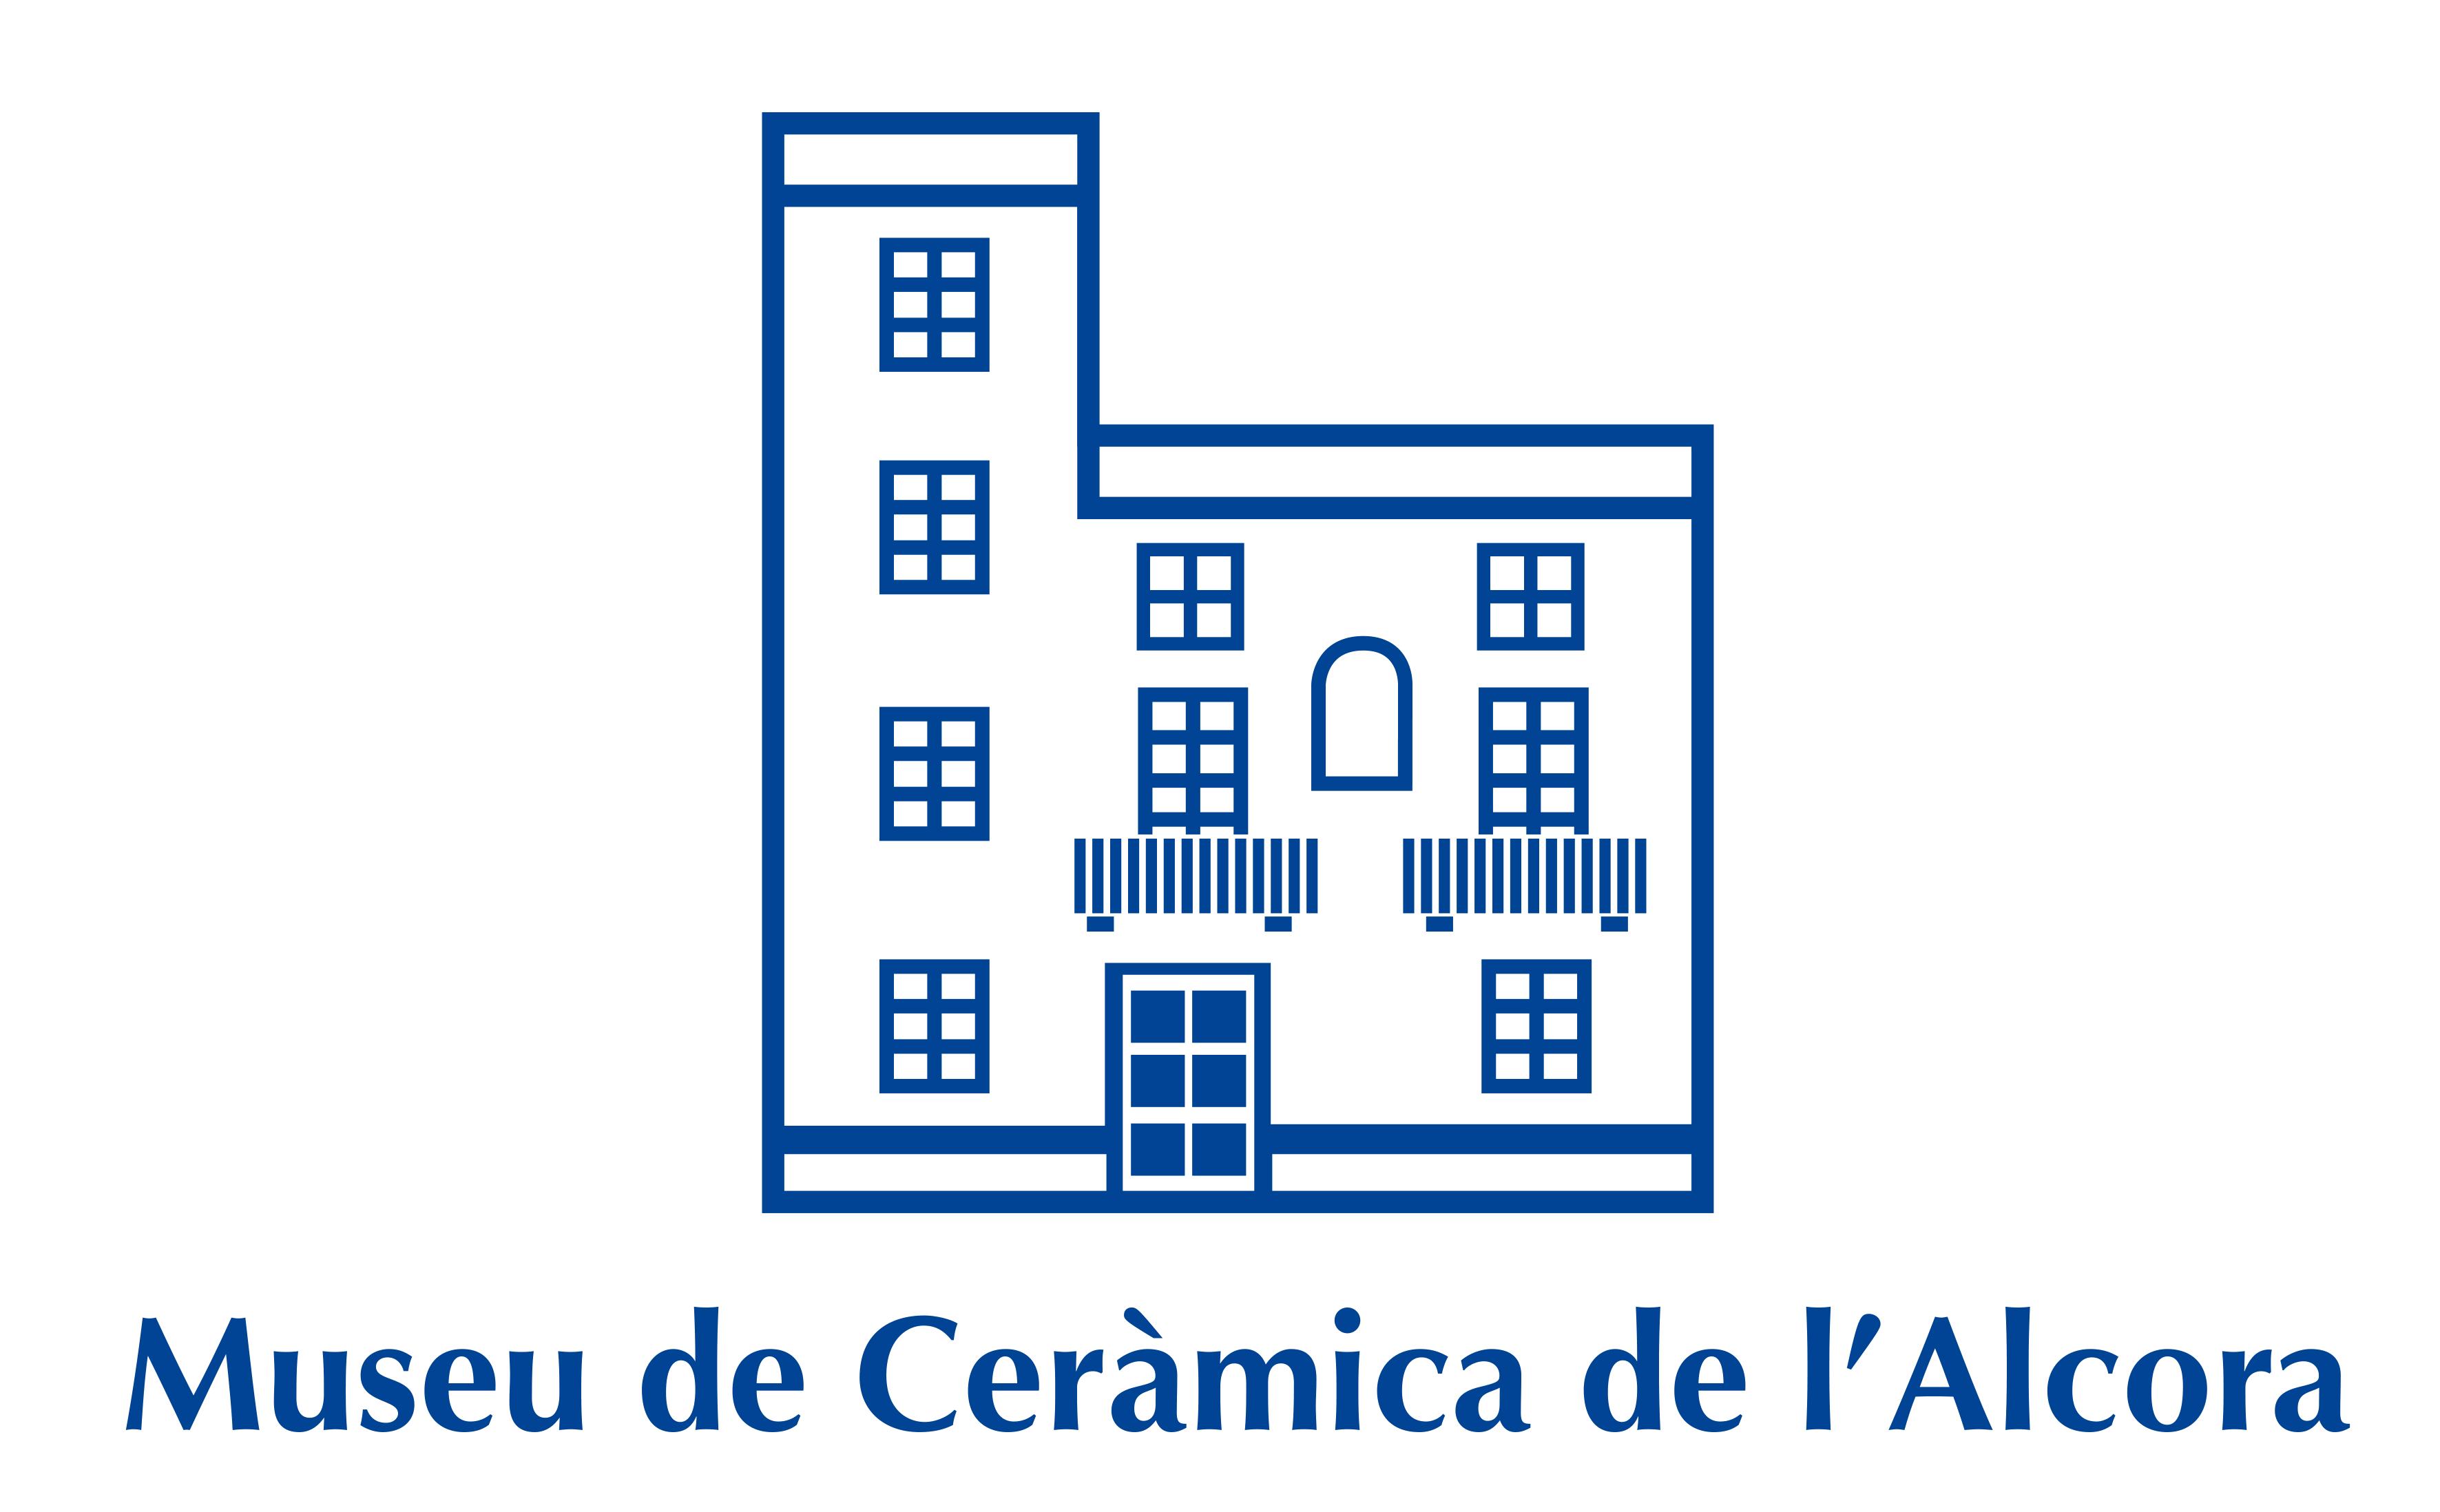 Ayuntamiento de l'Alcora